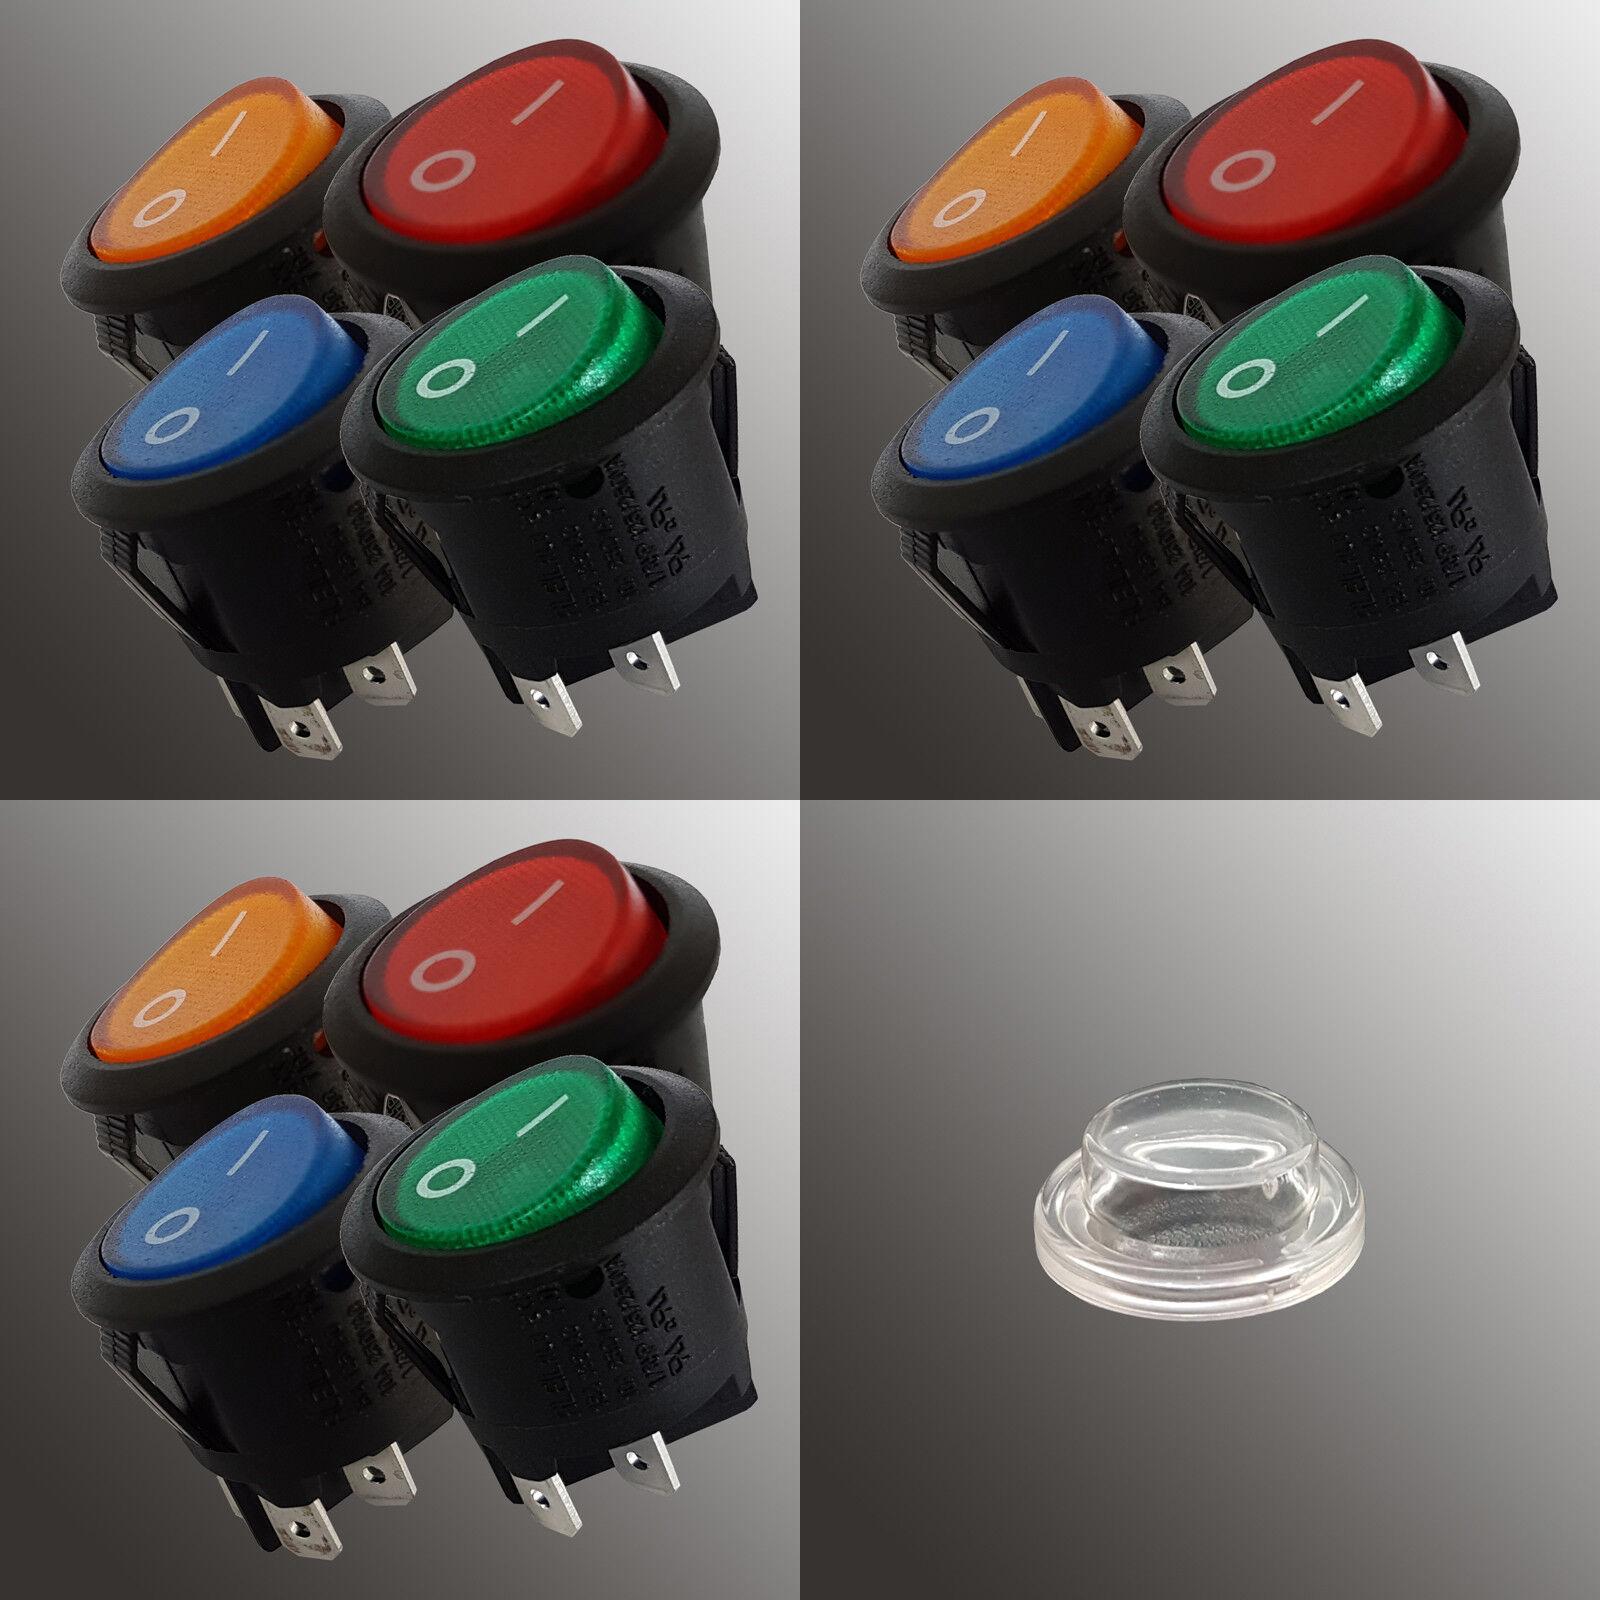 Wippschalter Ø22 rund beleuchtet rot grün gelb blau LED I 0 Snap In 12V KFZ | Outlet Store